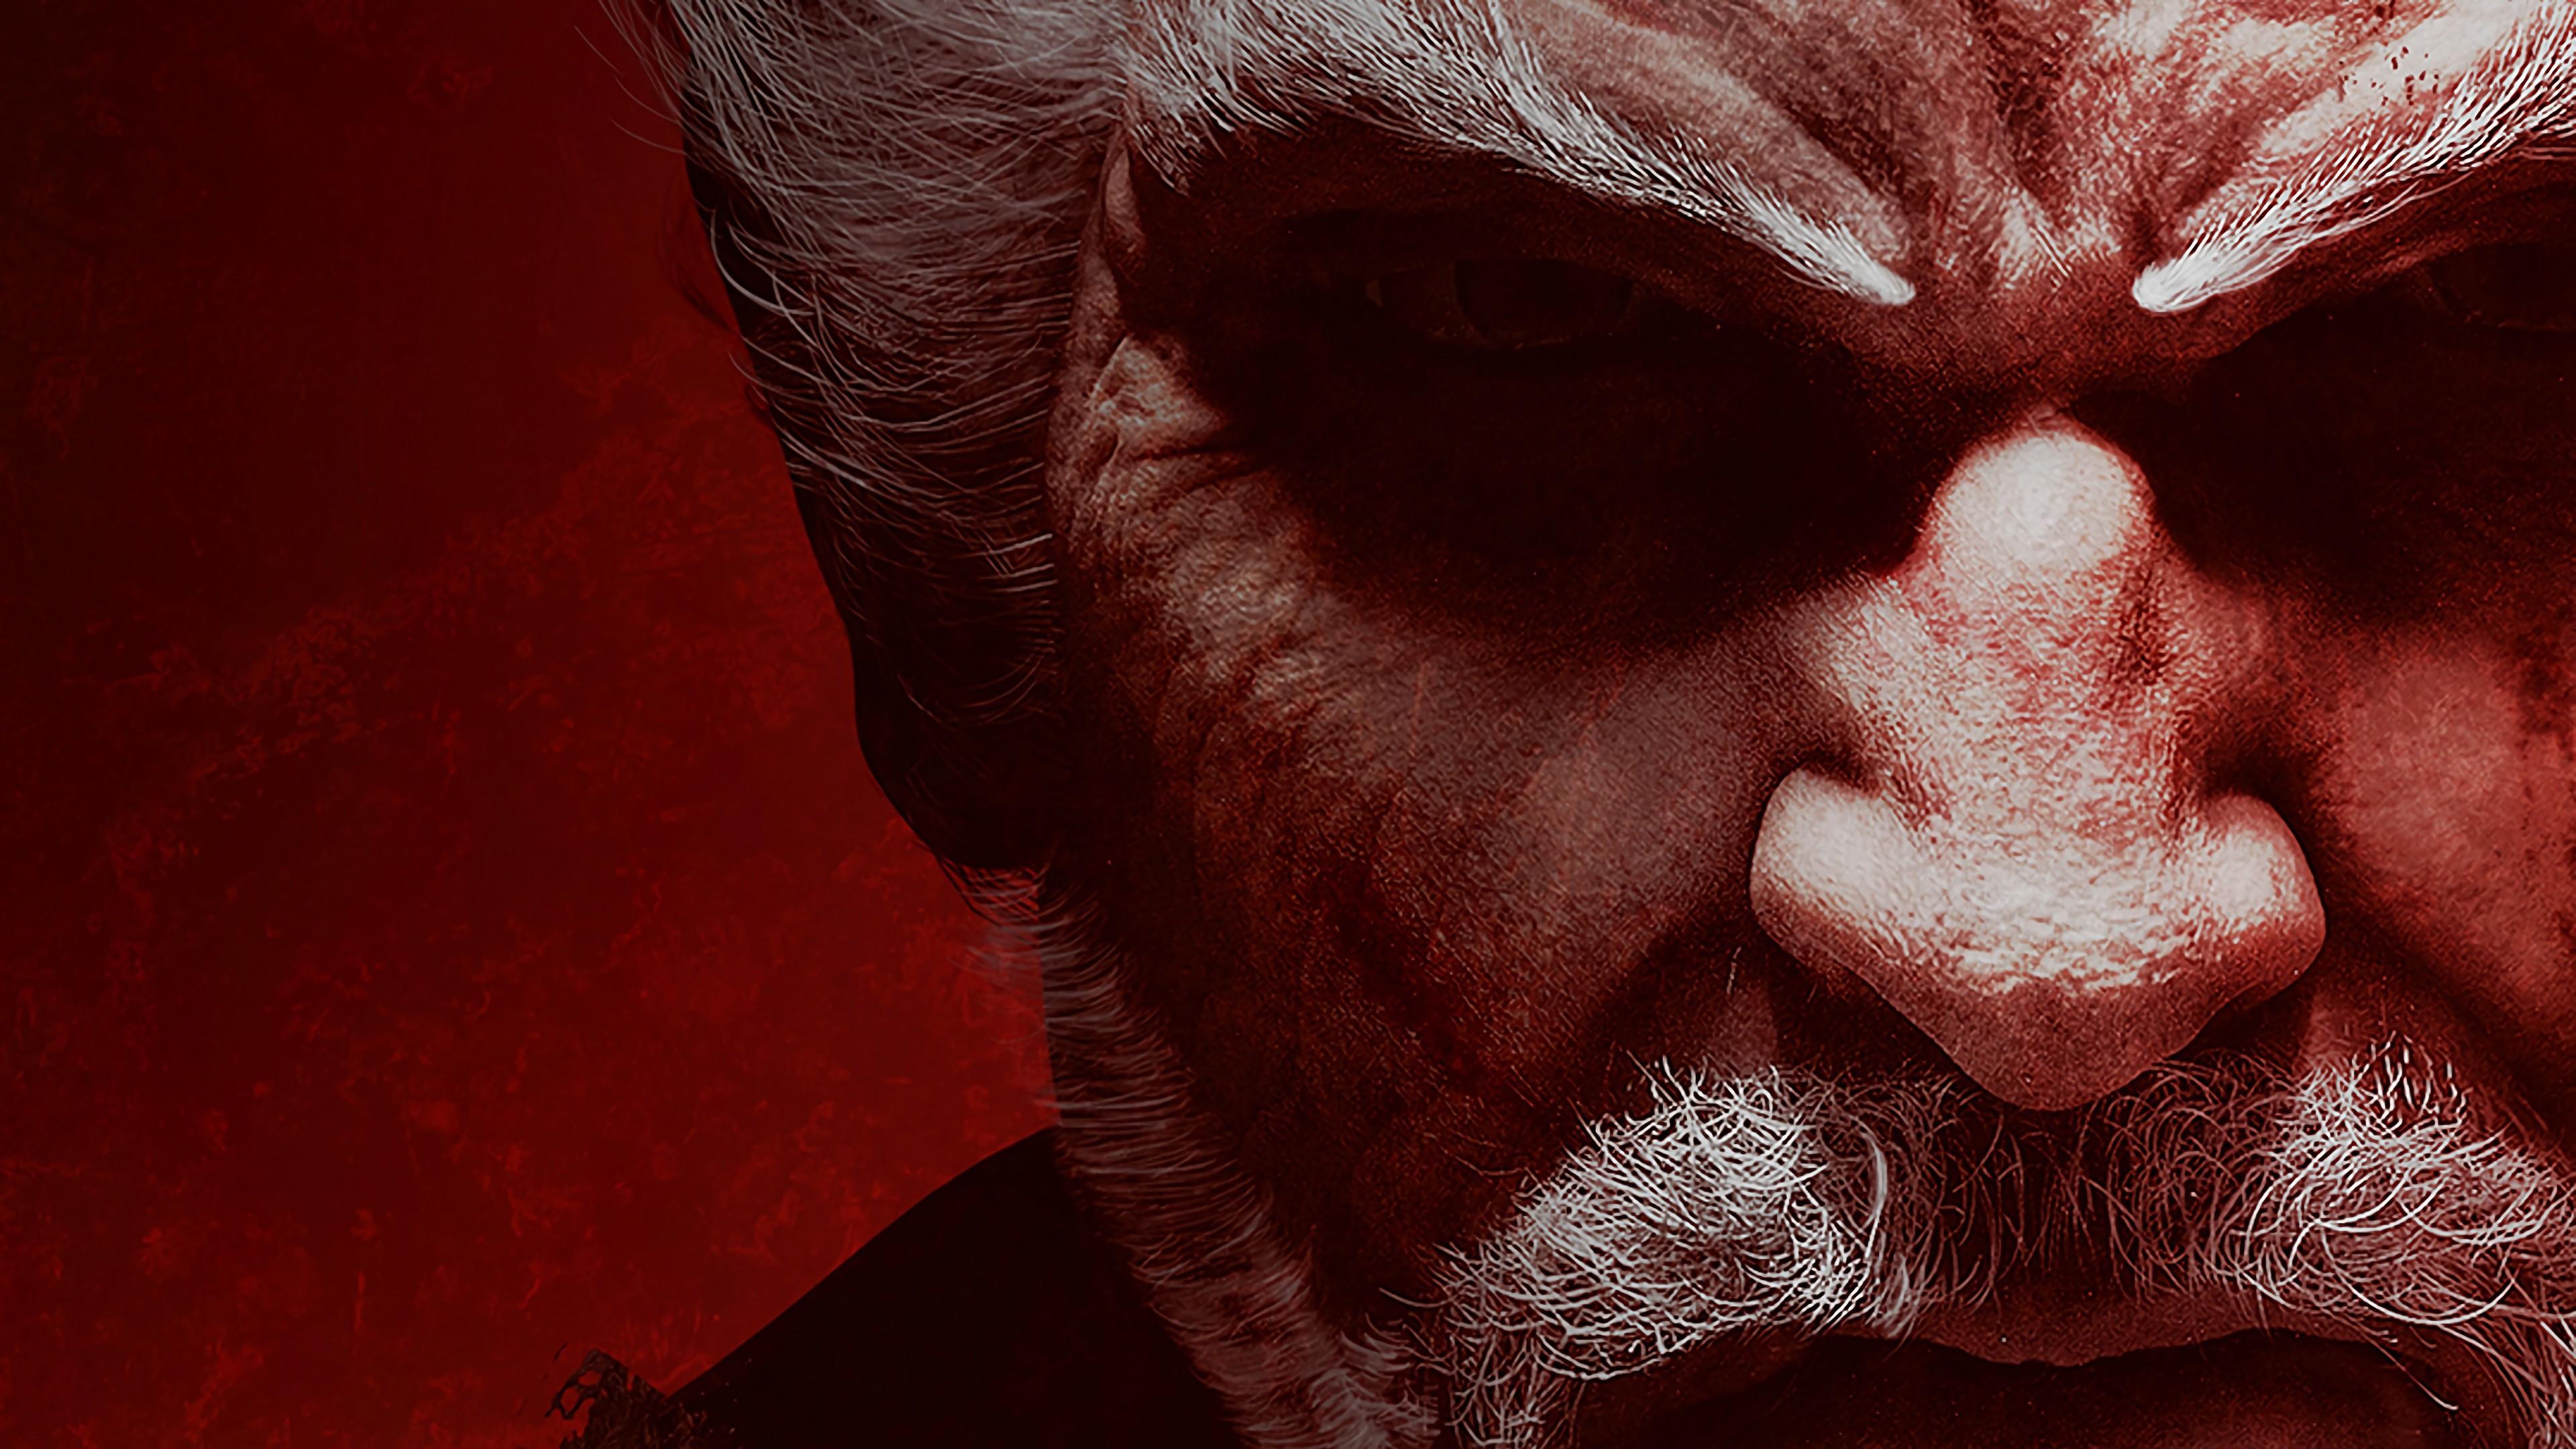 Fond D Ecran Visage Portrait Rouge Tekken 7 Bouche Nez